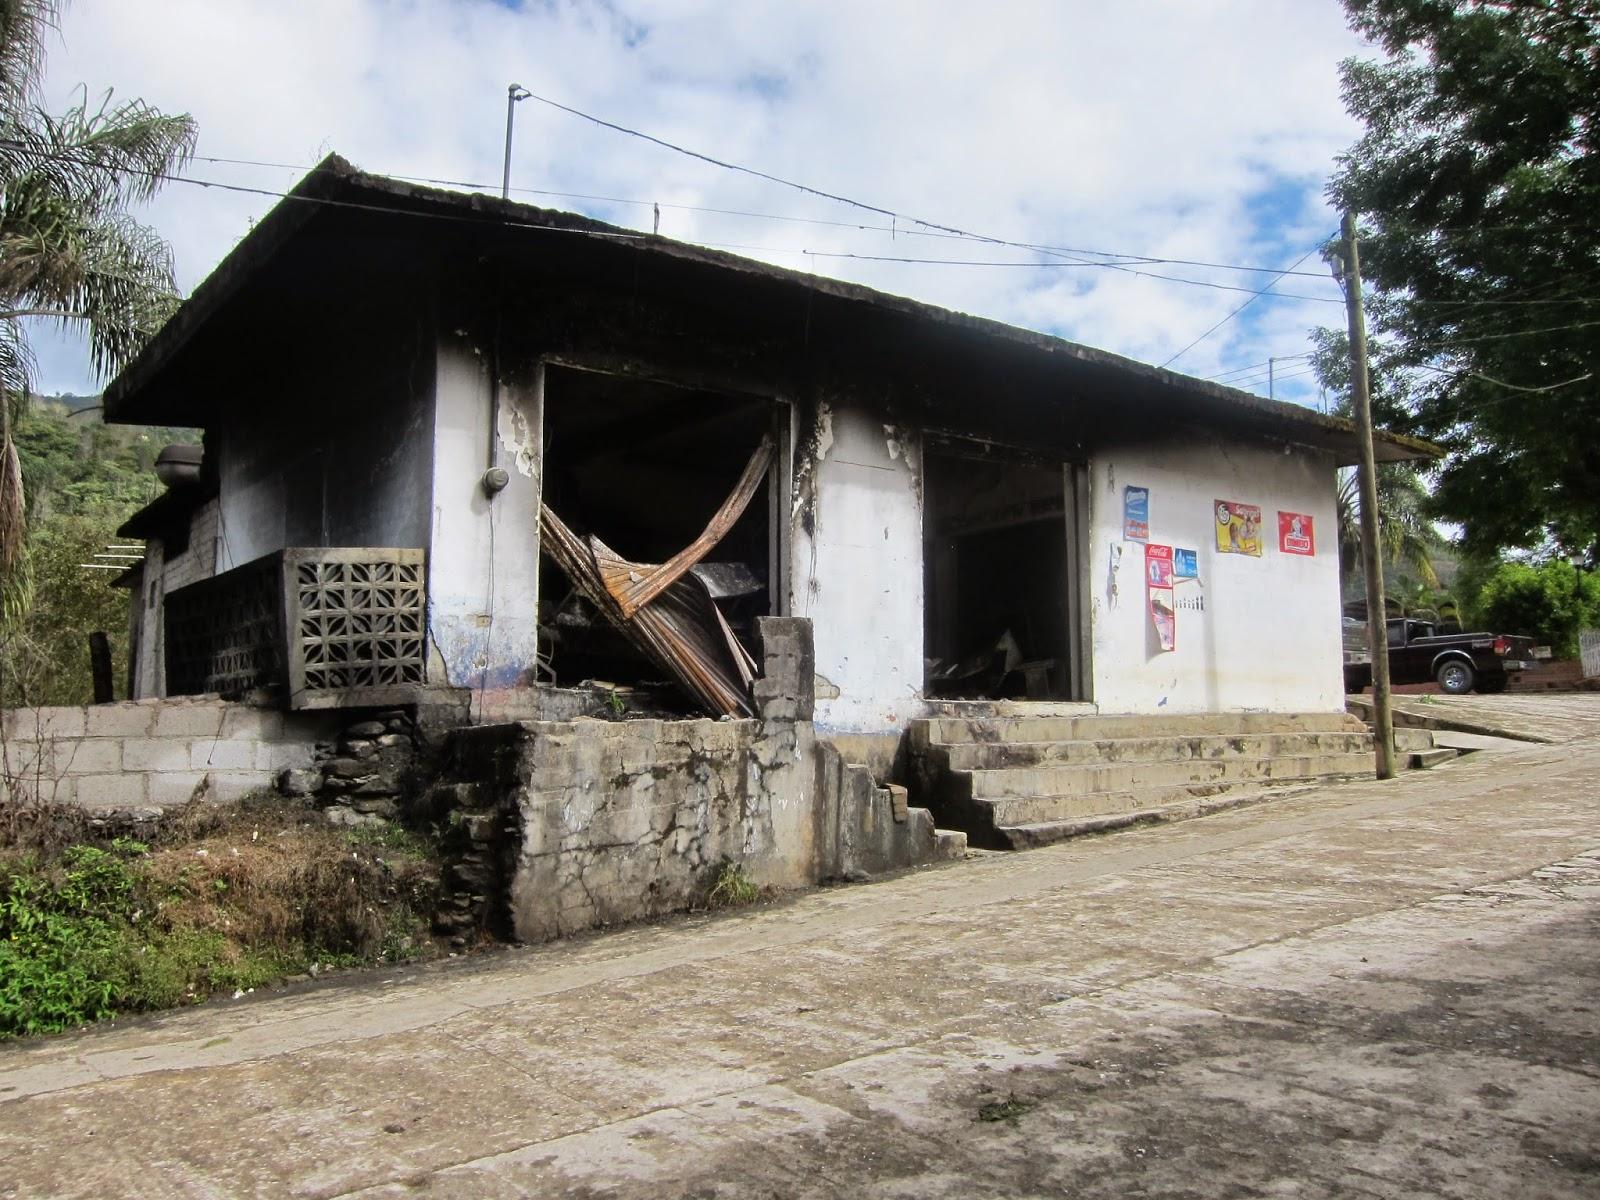 Eloxochitlan, Oaxaca, December 14, Violence